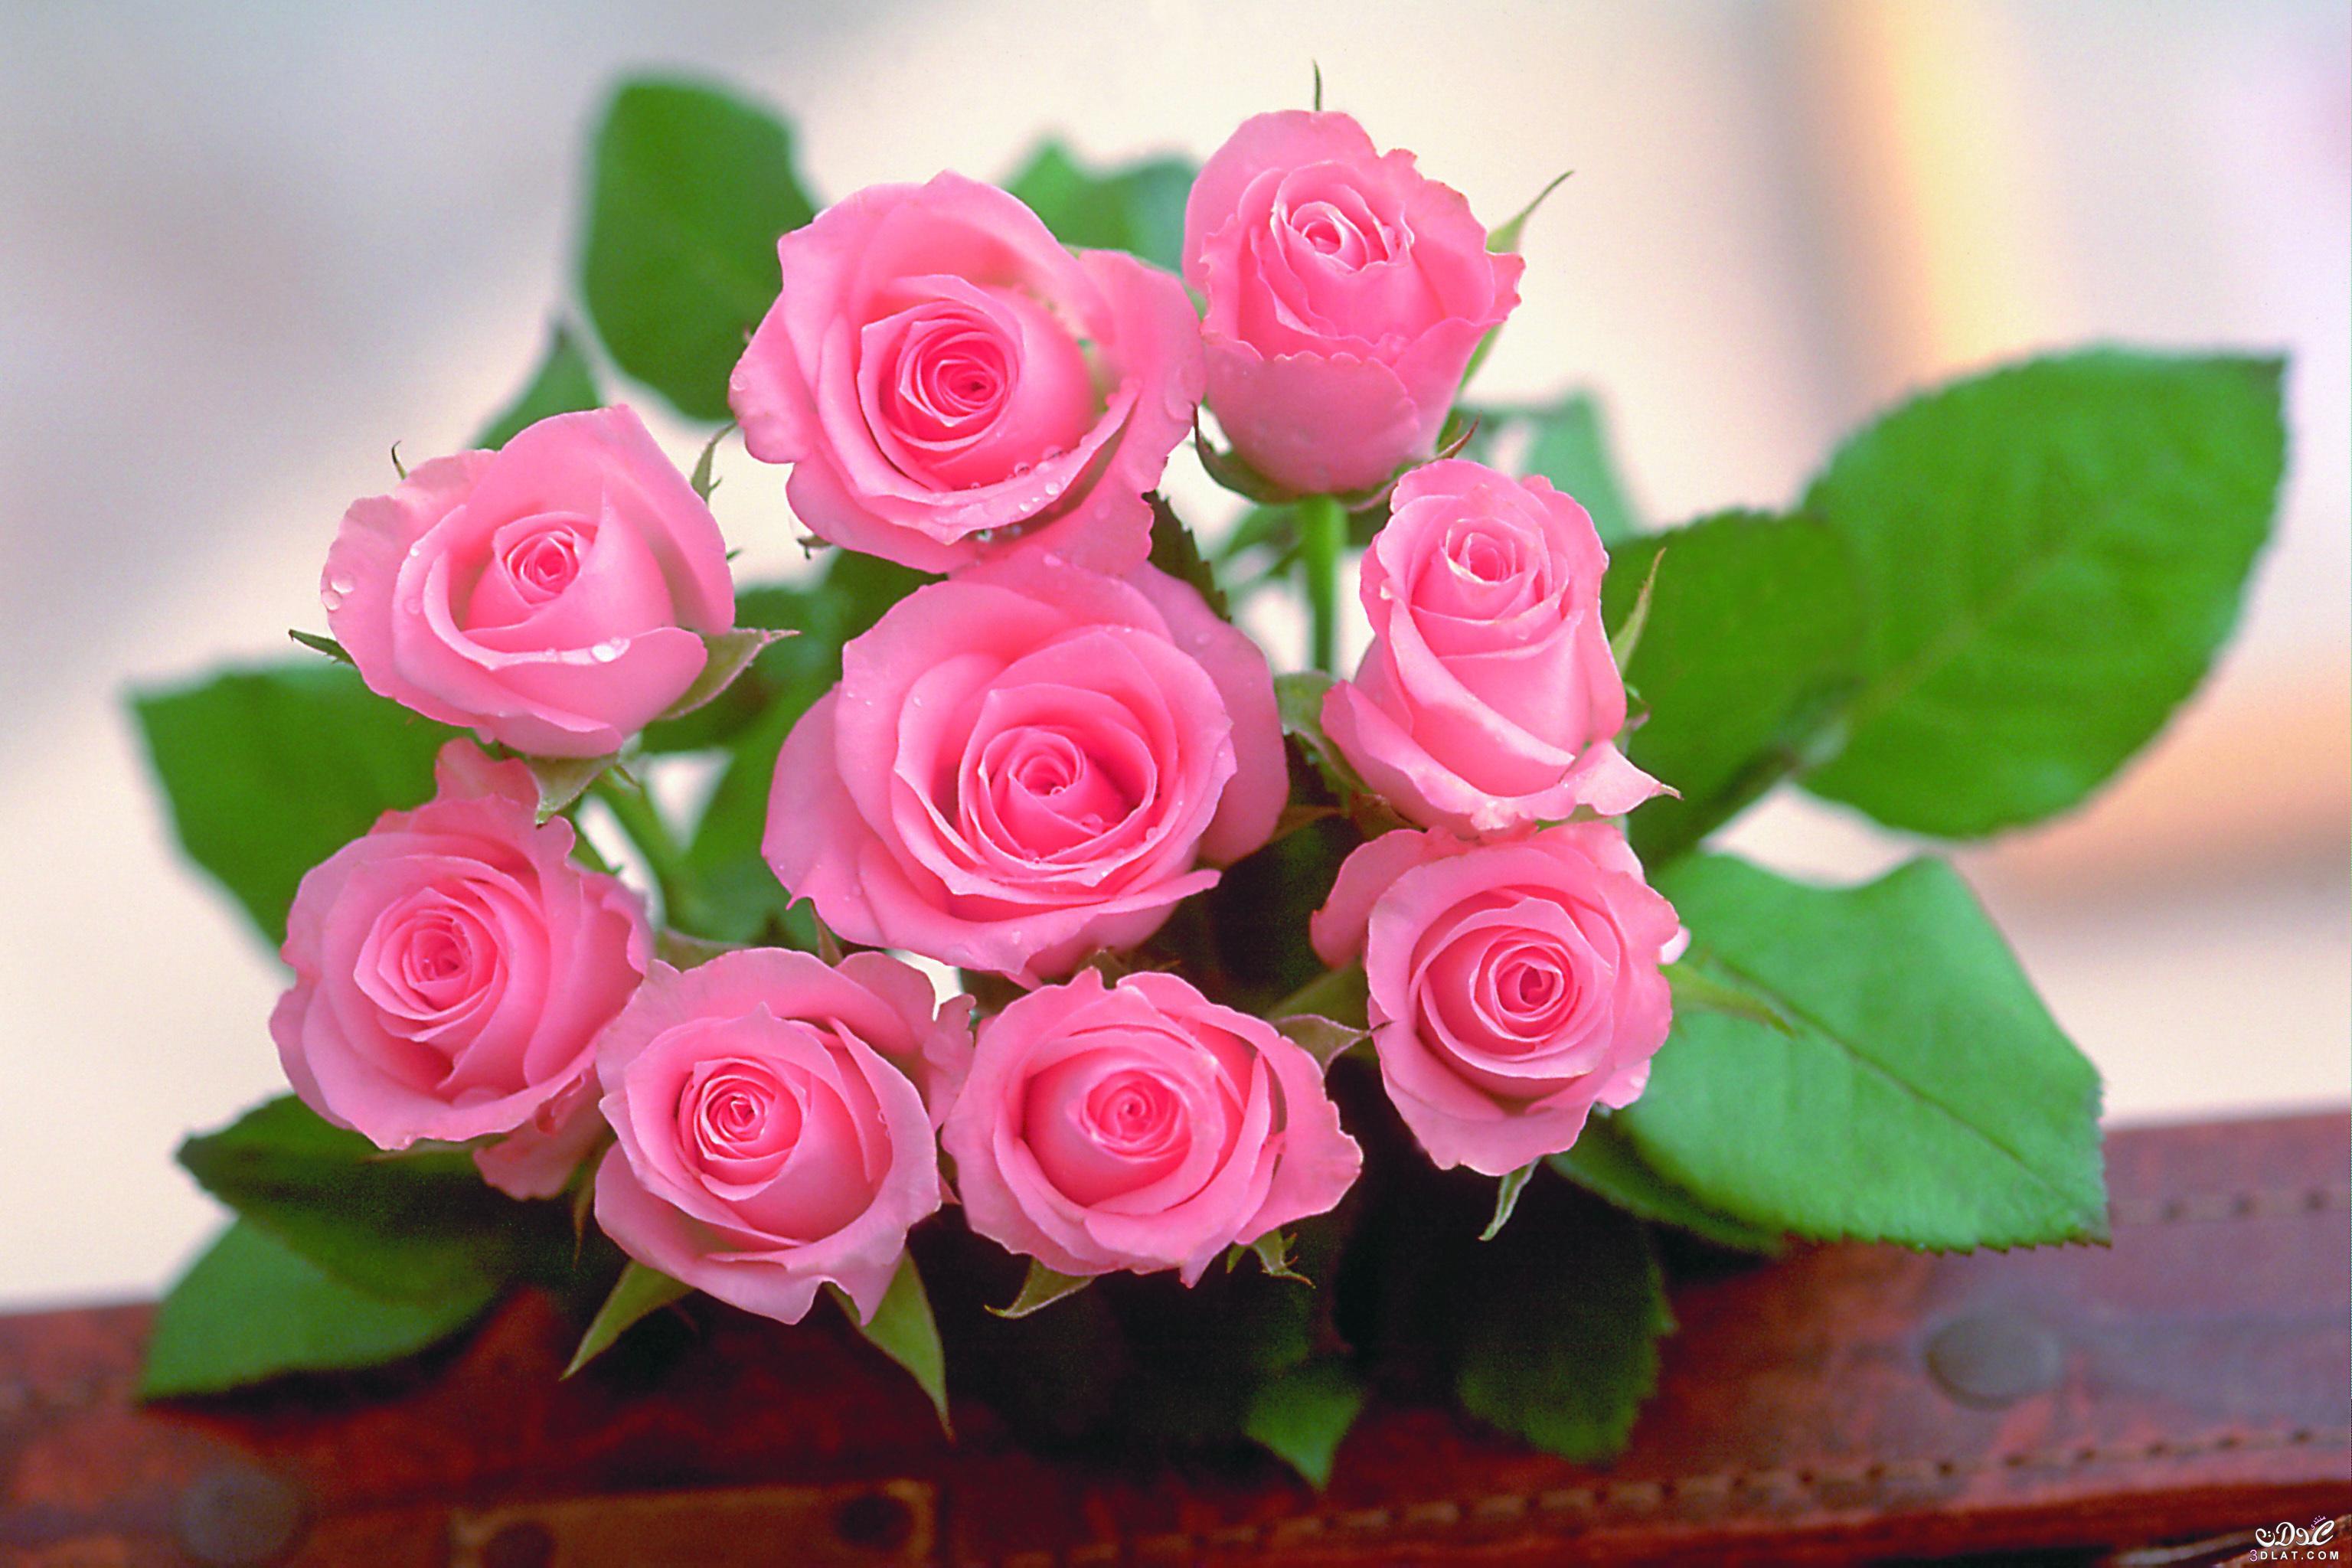 صورة صور ورد طبيعى صور ورد حلو صور الورد طبيعى , خلفيات للزهور الطبيعية